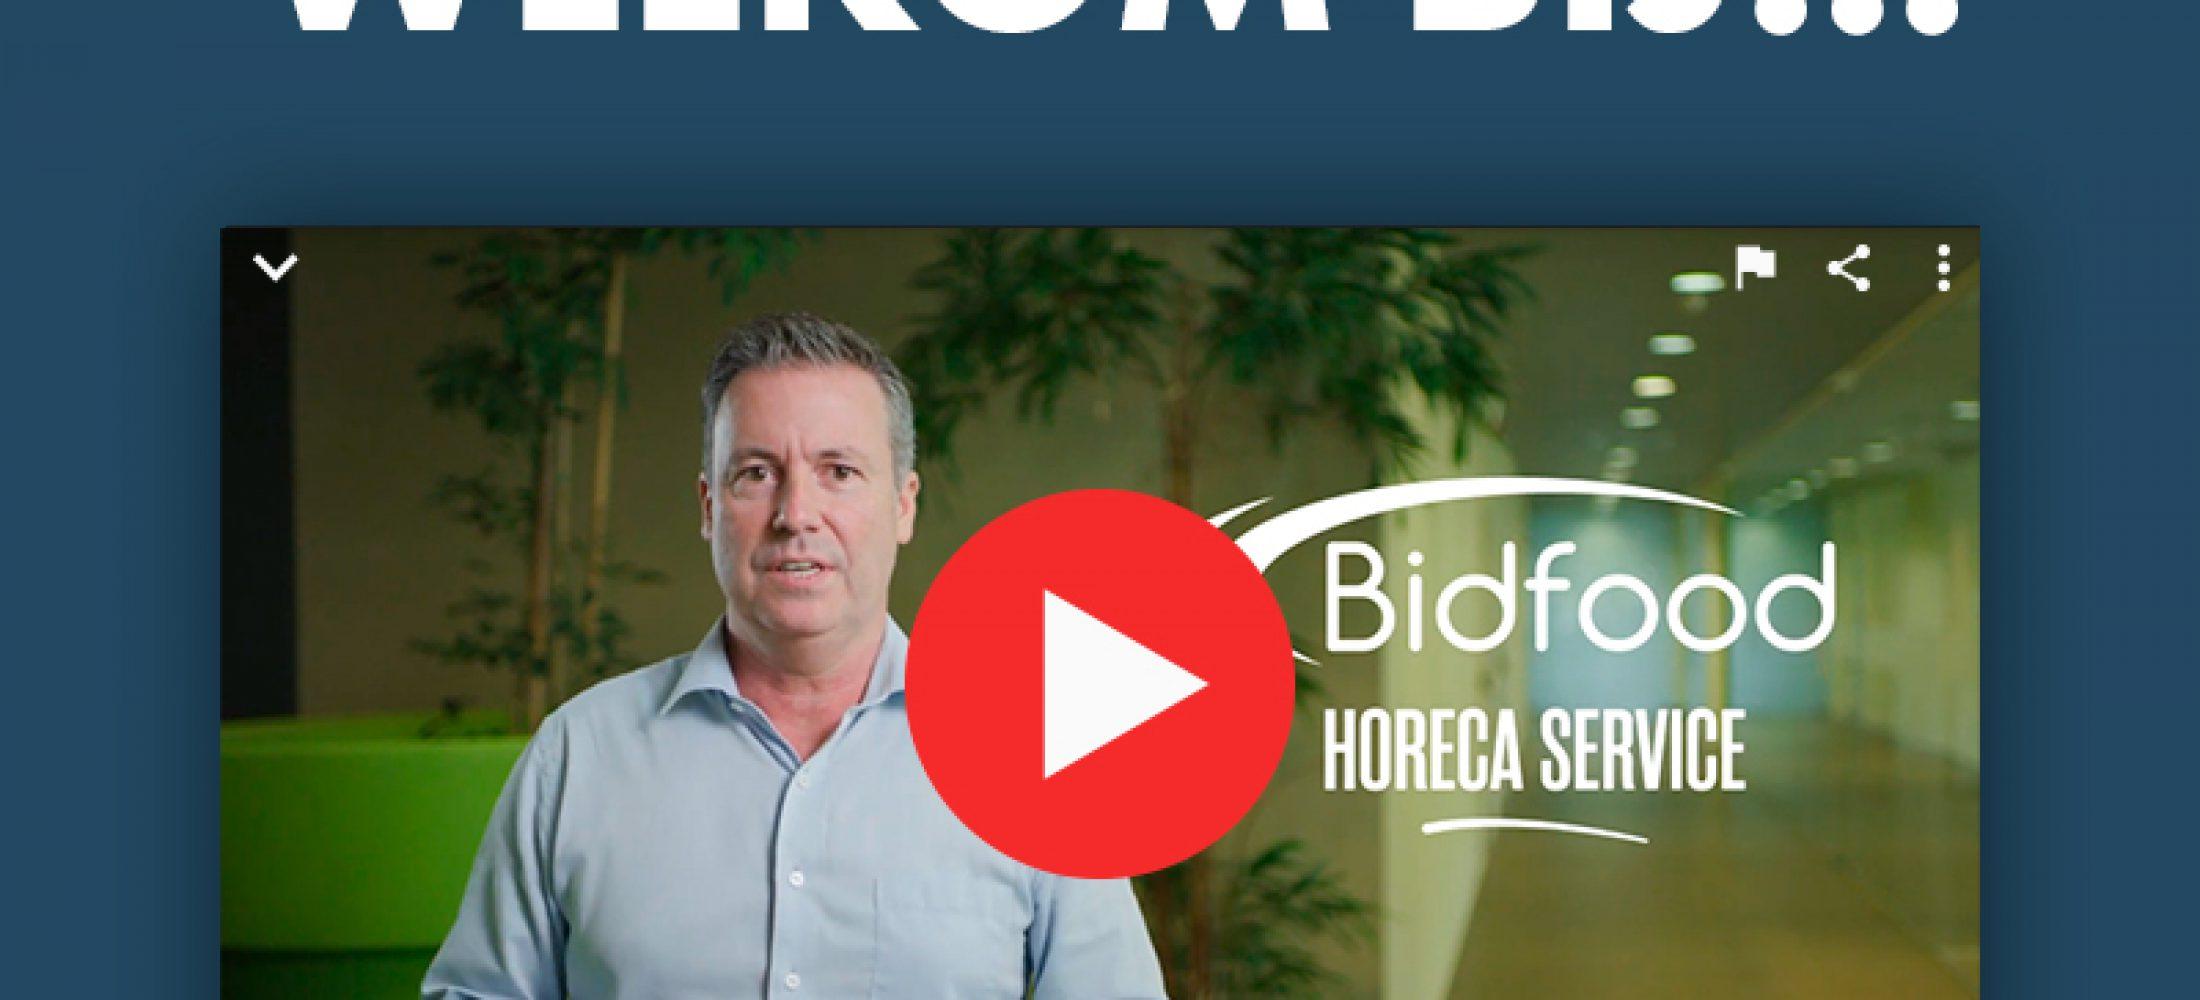 Welkom bij Bidfood Horeca Service